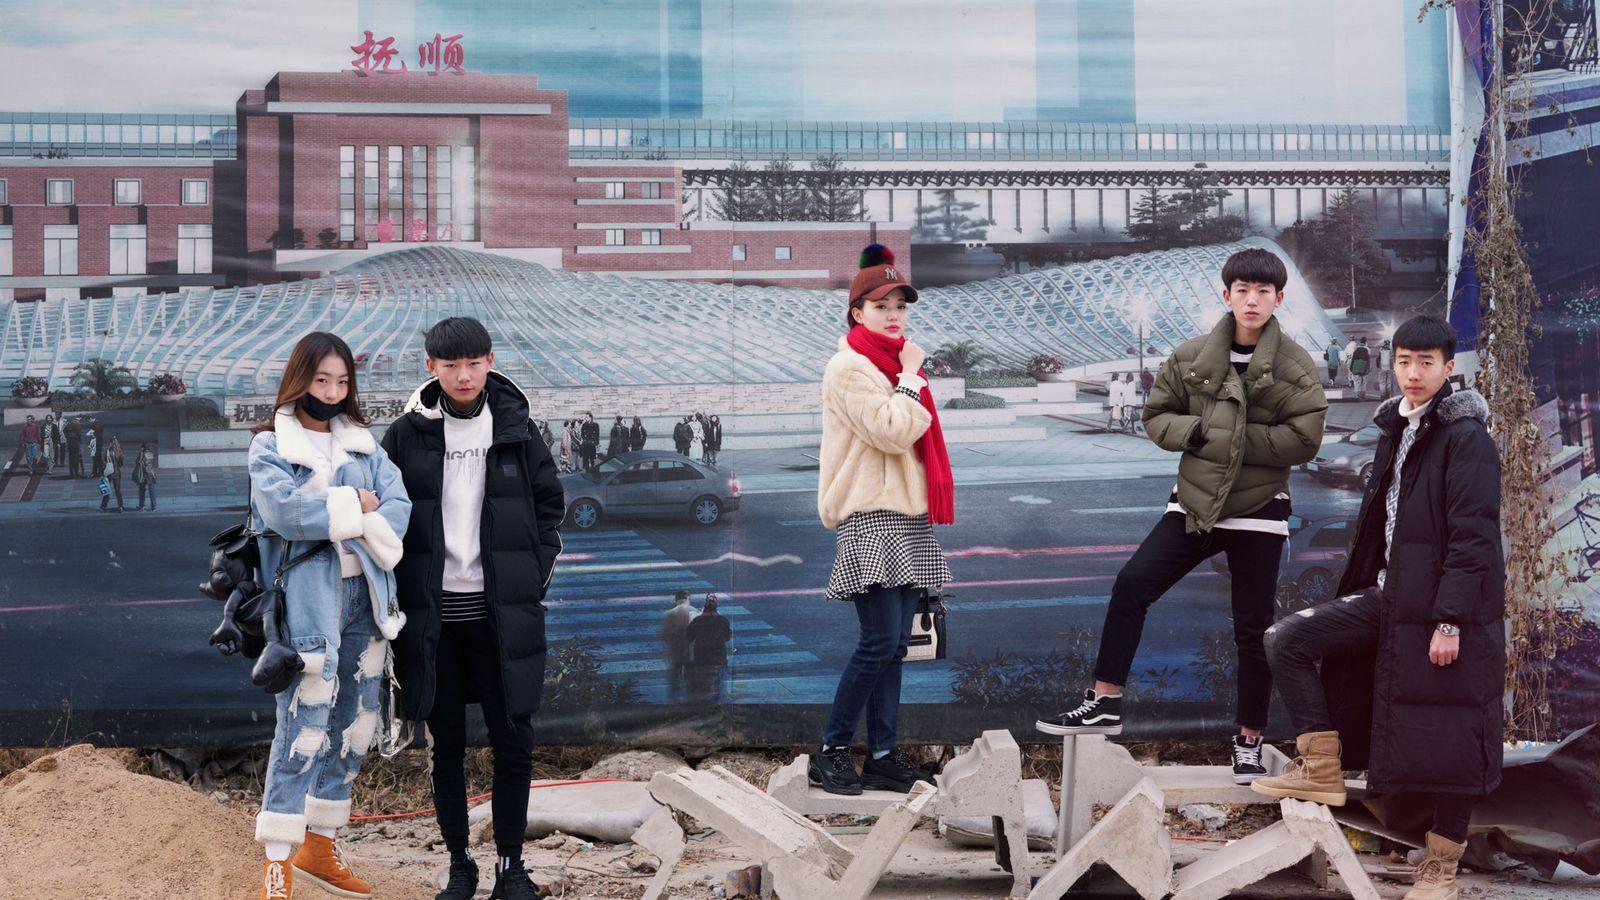 Estudiantes antes de rendir un examen de arte posan frente a unos afiches que promocionan Fushun, ...